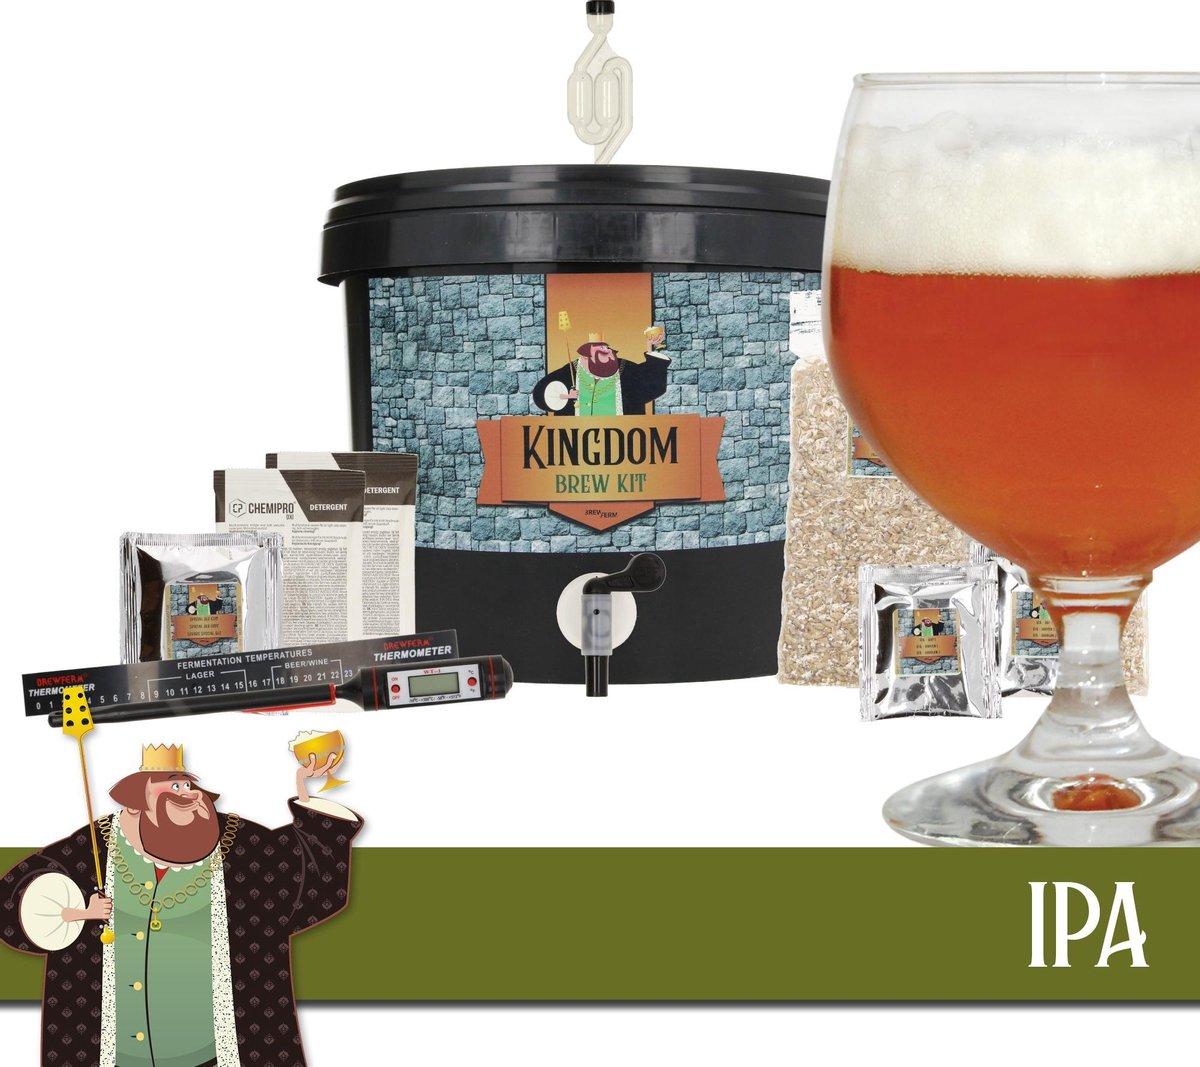 KINGDOM Bierbrouwpakket - startpakket - IPA - zelf bier brouwen - starterspakket bier brouwen - bier